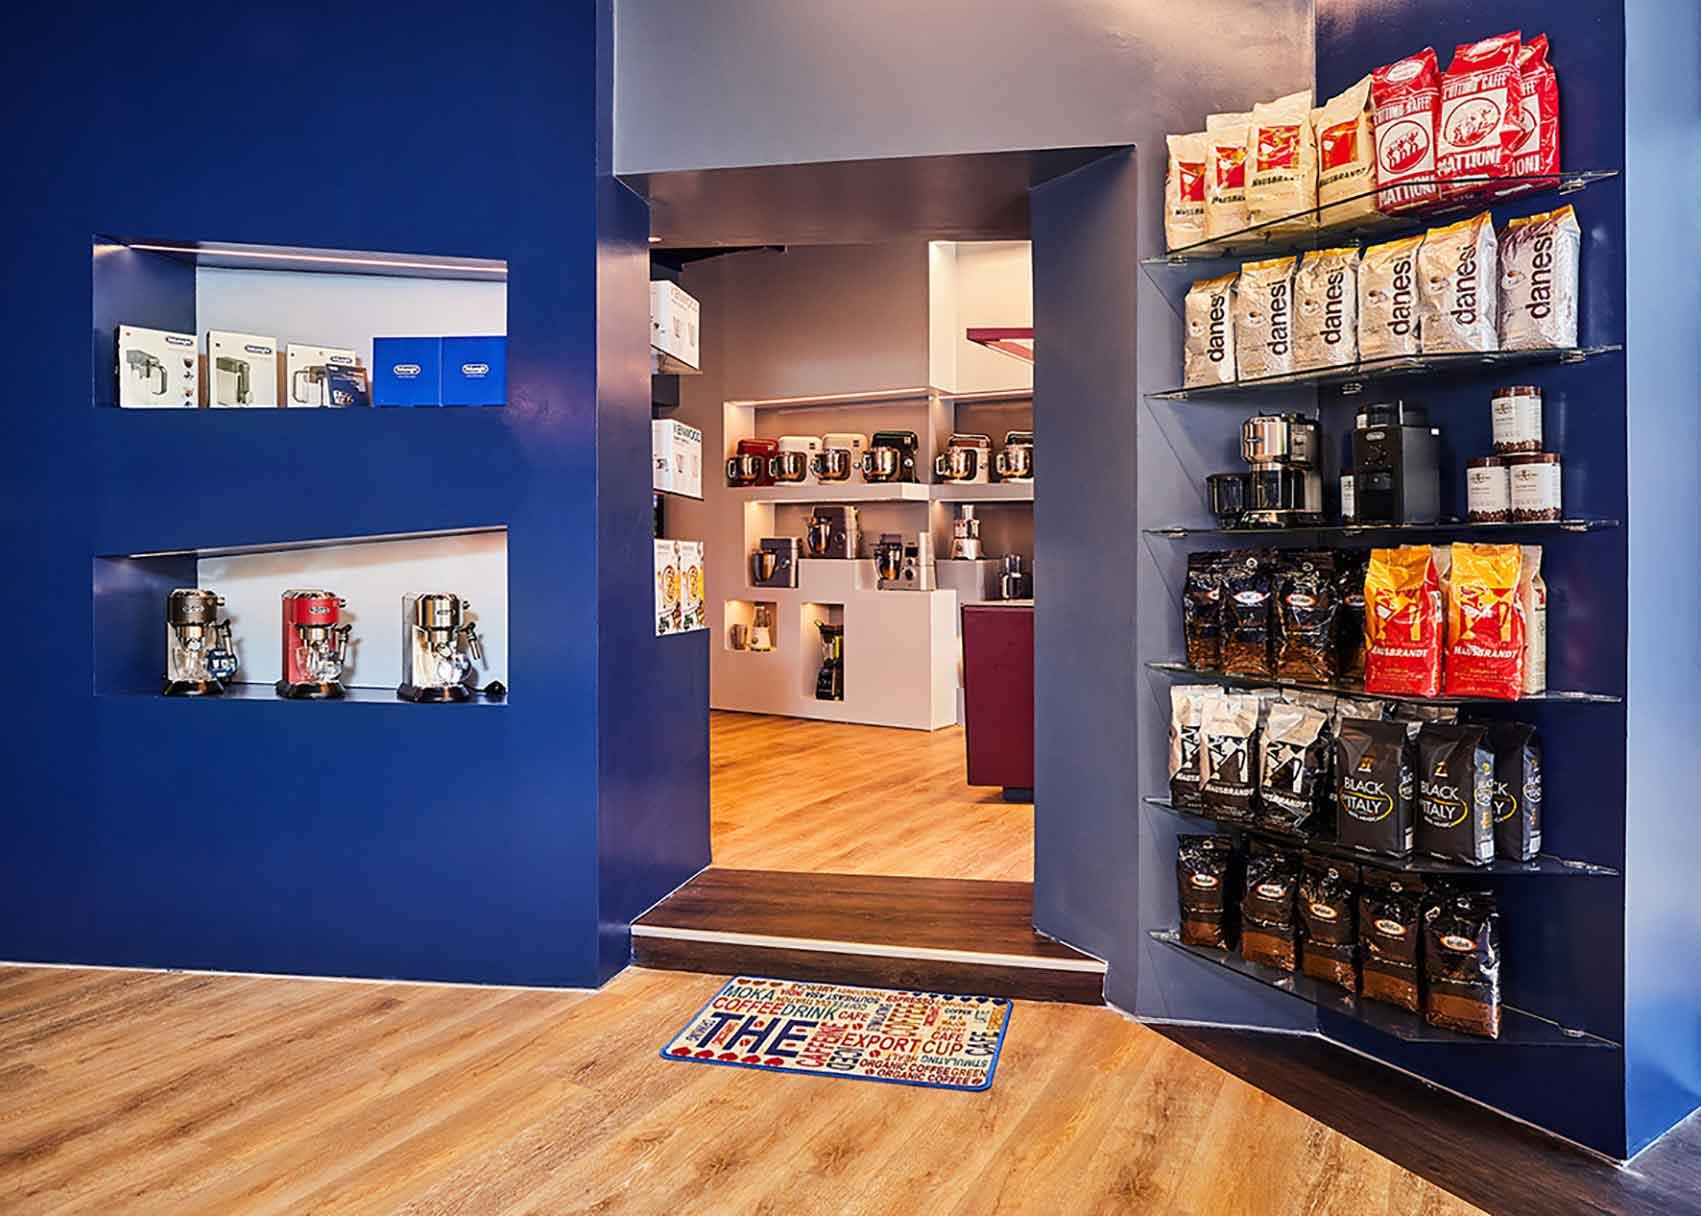 חנות-קפה-של-דה-לונגי-צילום-יחצ--(3)